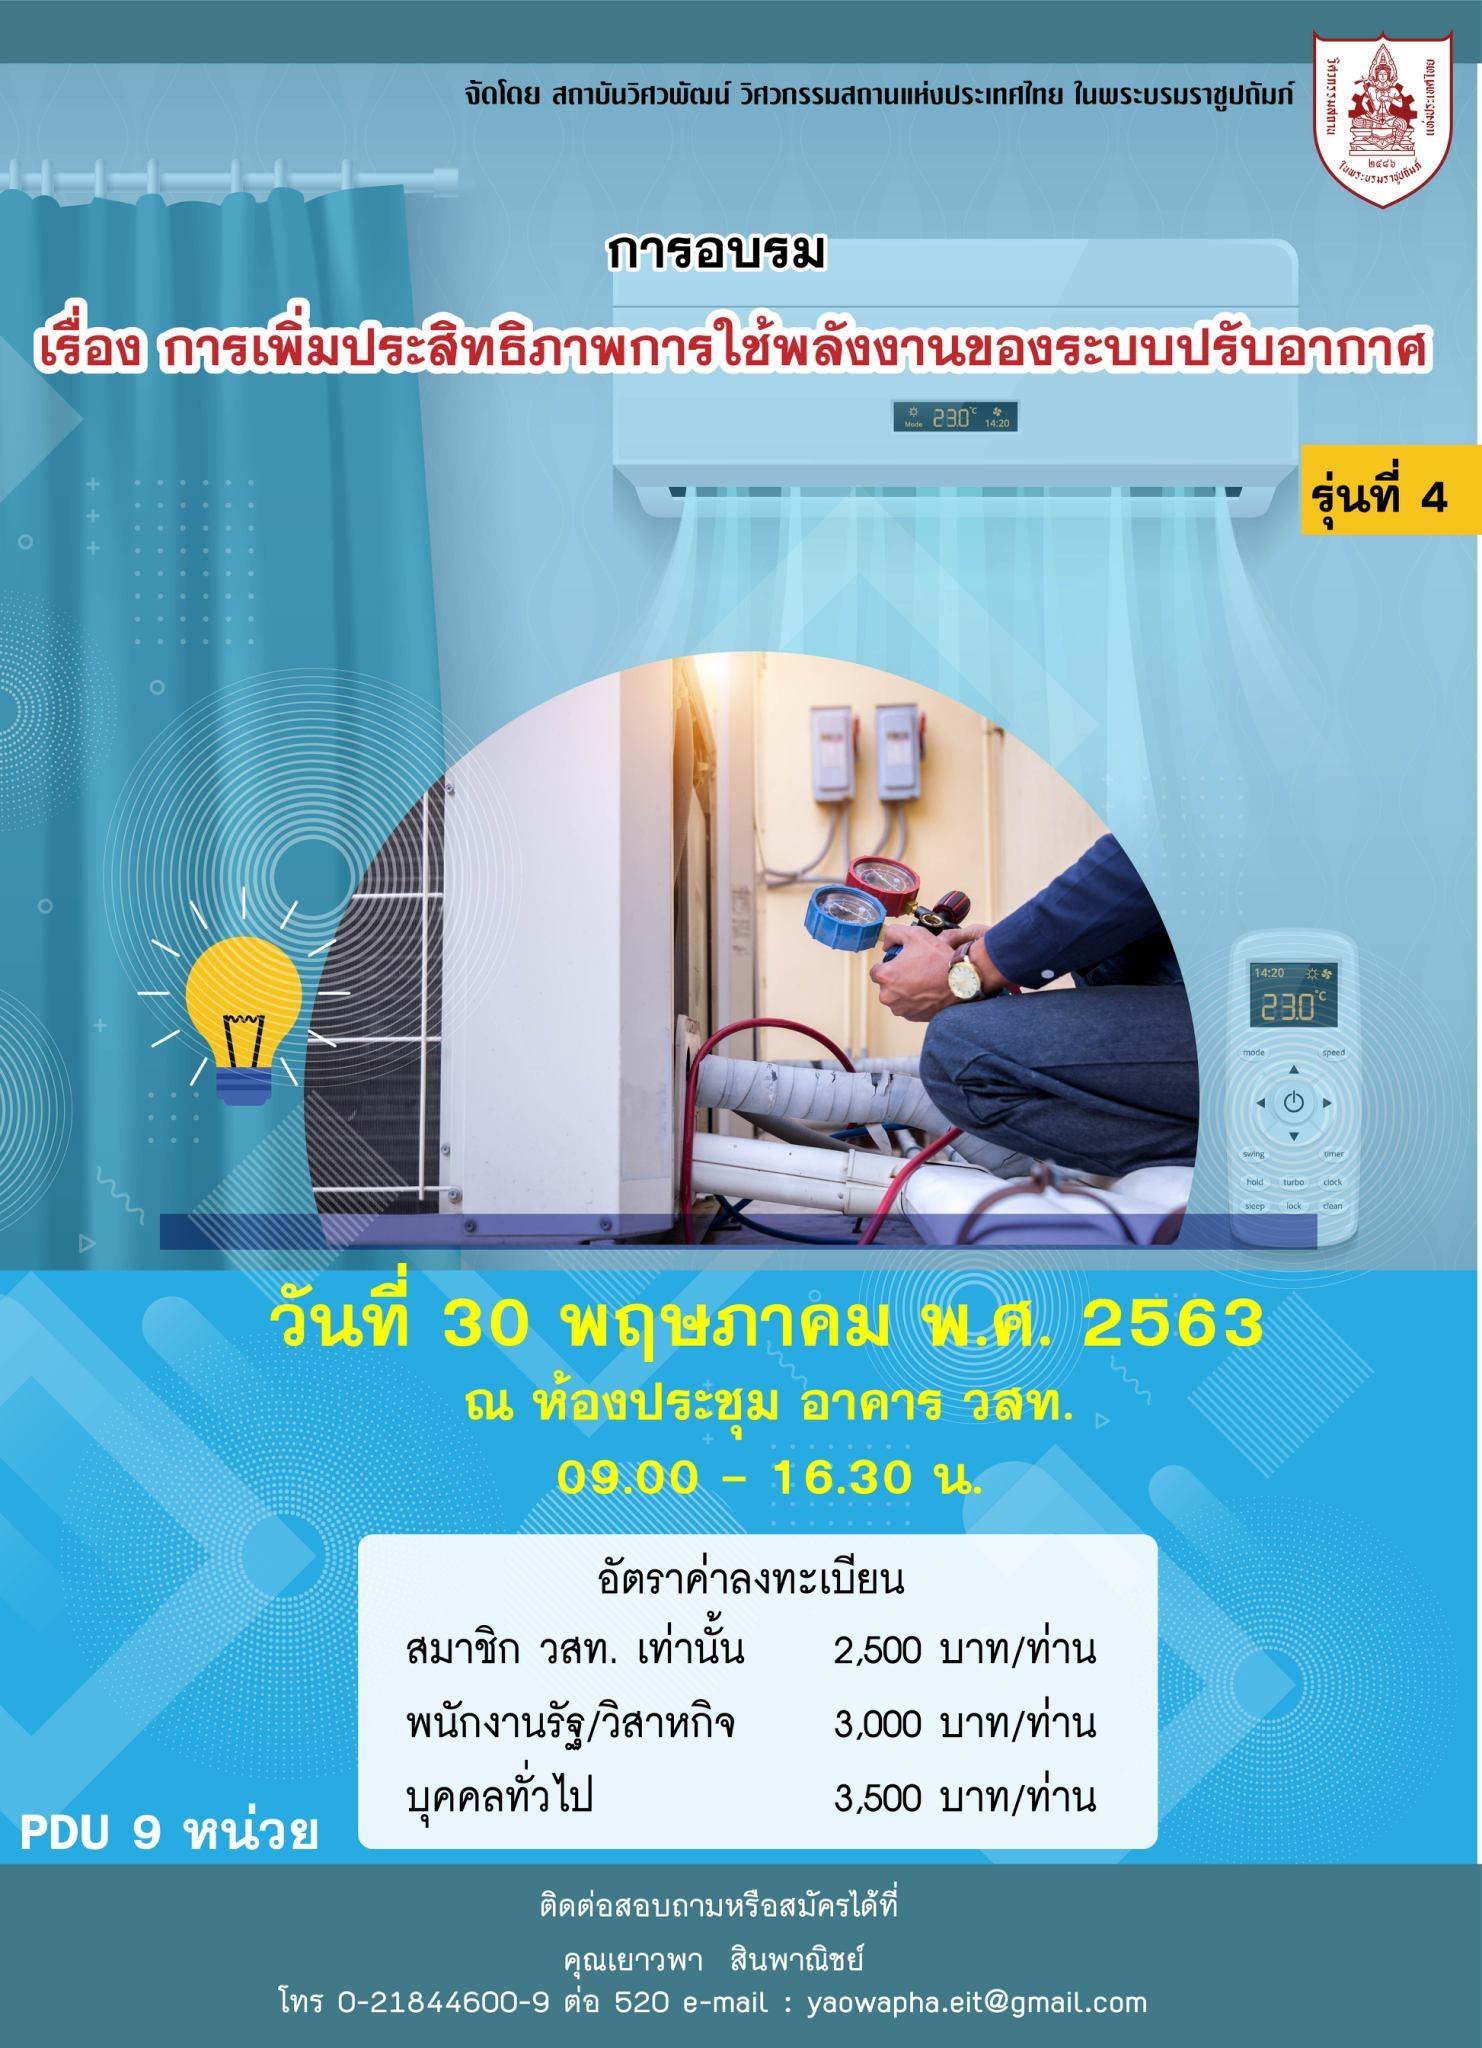 30/05/63  การอบรม เรื่อง การเพิ่มประสิทธิภาพการใช้พลังงานของระบบปรับอากาศ  รุ่นที่ 4